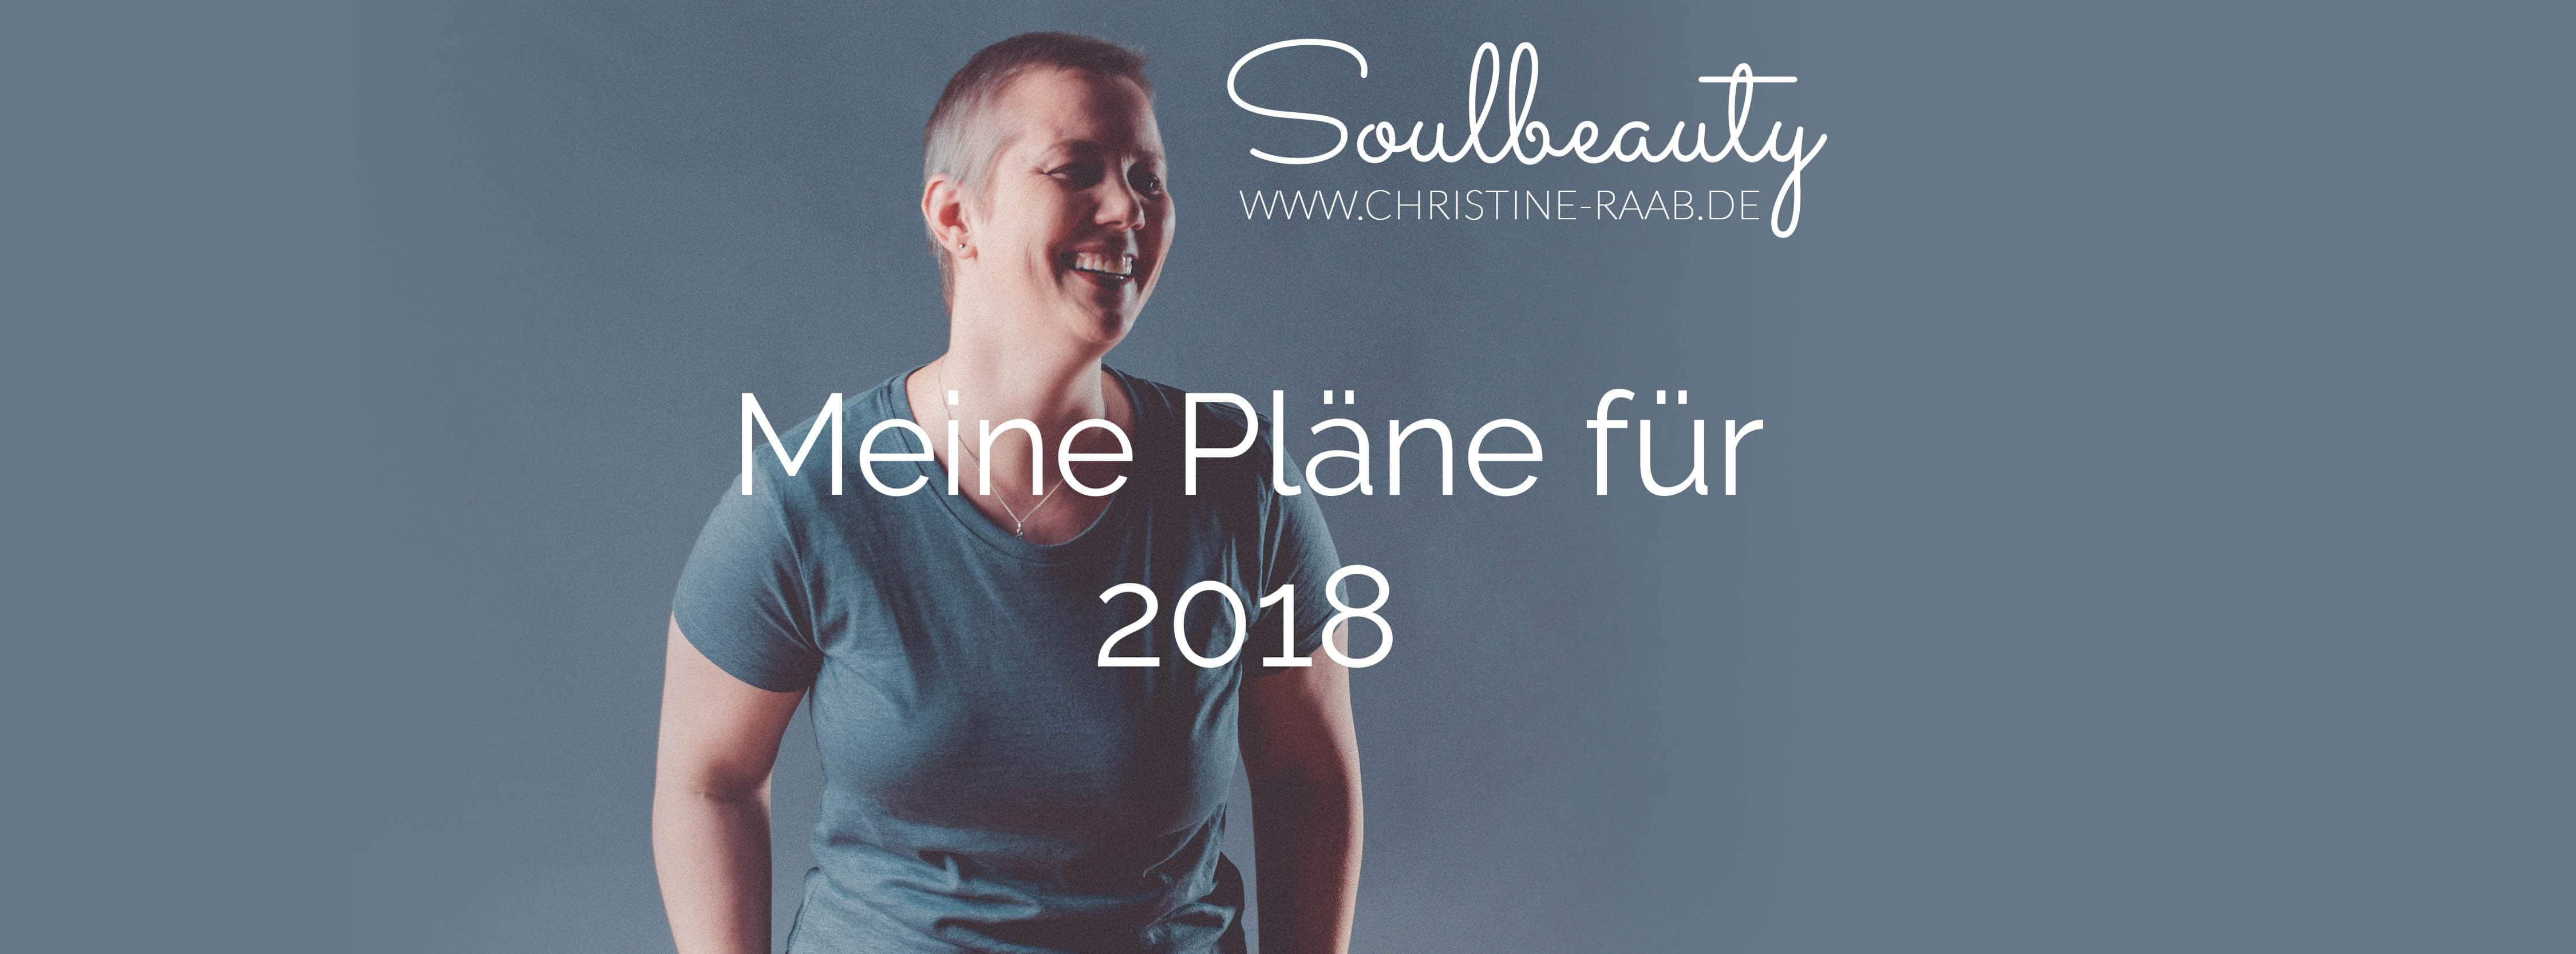 Christine Raab, Pläne für 2018, Vorsätze, Wo will ich hin, meine Träume und Wünsche